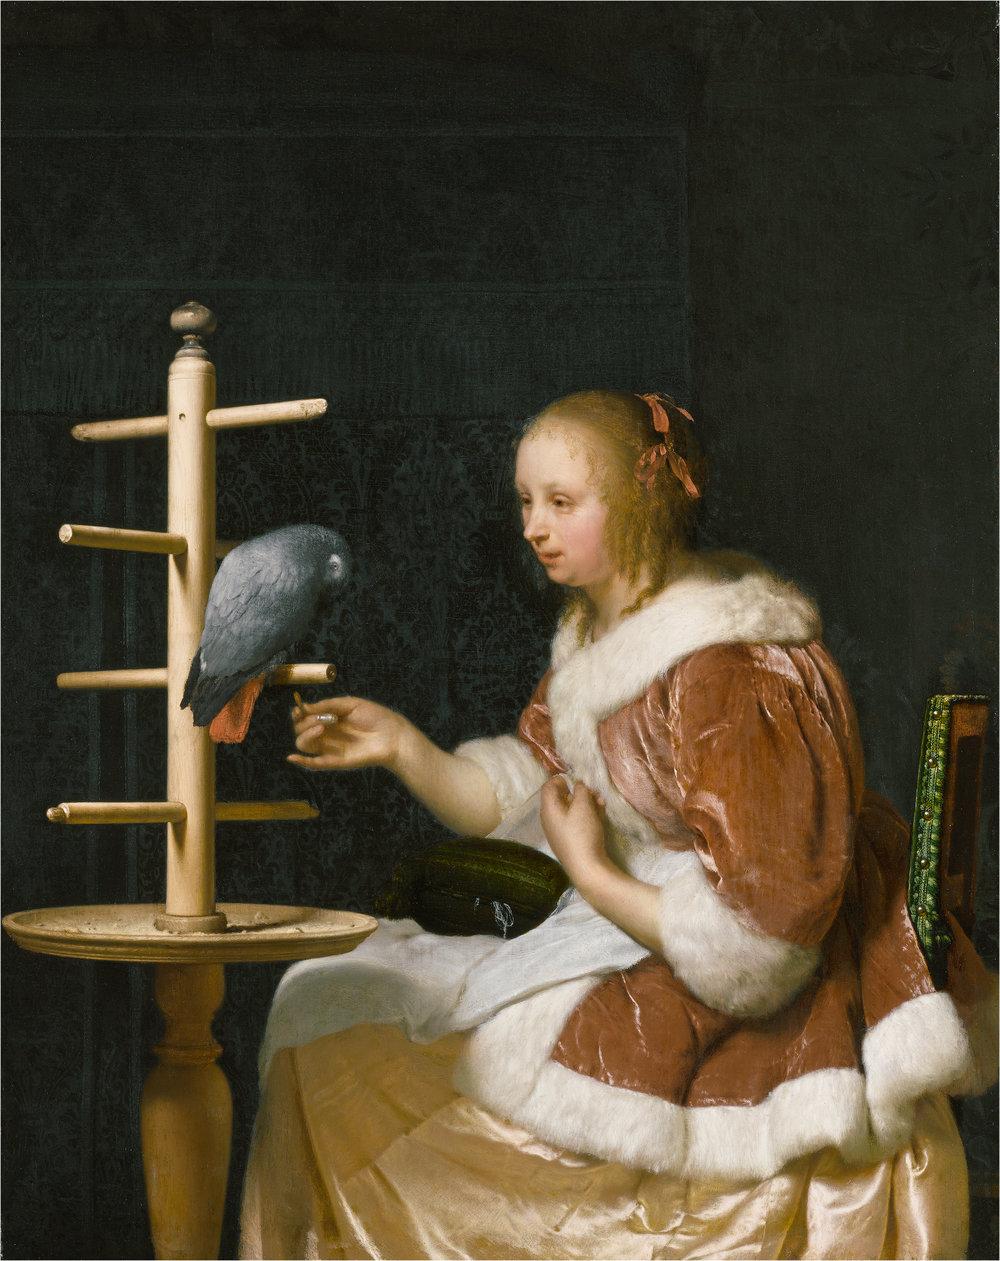 Frans van Mieris  Woman Feeding a Parrot , 1663 oil on panel unframed: 22.38 17.78 cm (8 13/16 7 in.) framed: 40.01 35.2 5 cm (15 3/4 13 7/8 2 in.) The Leiden Collection, New York © The Leiden Collection, New York